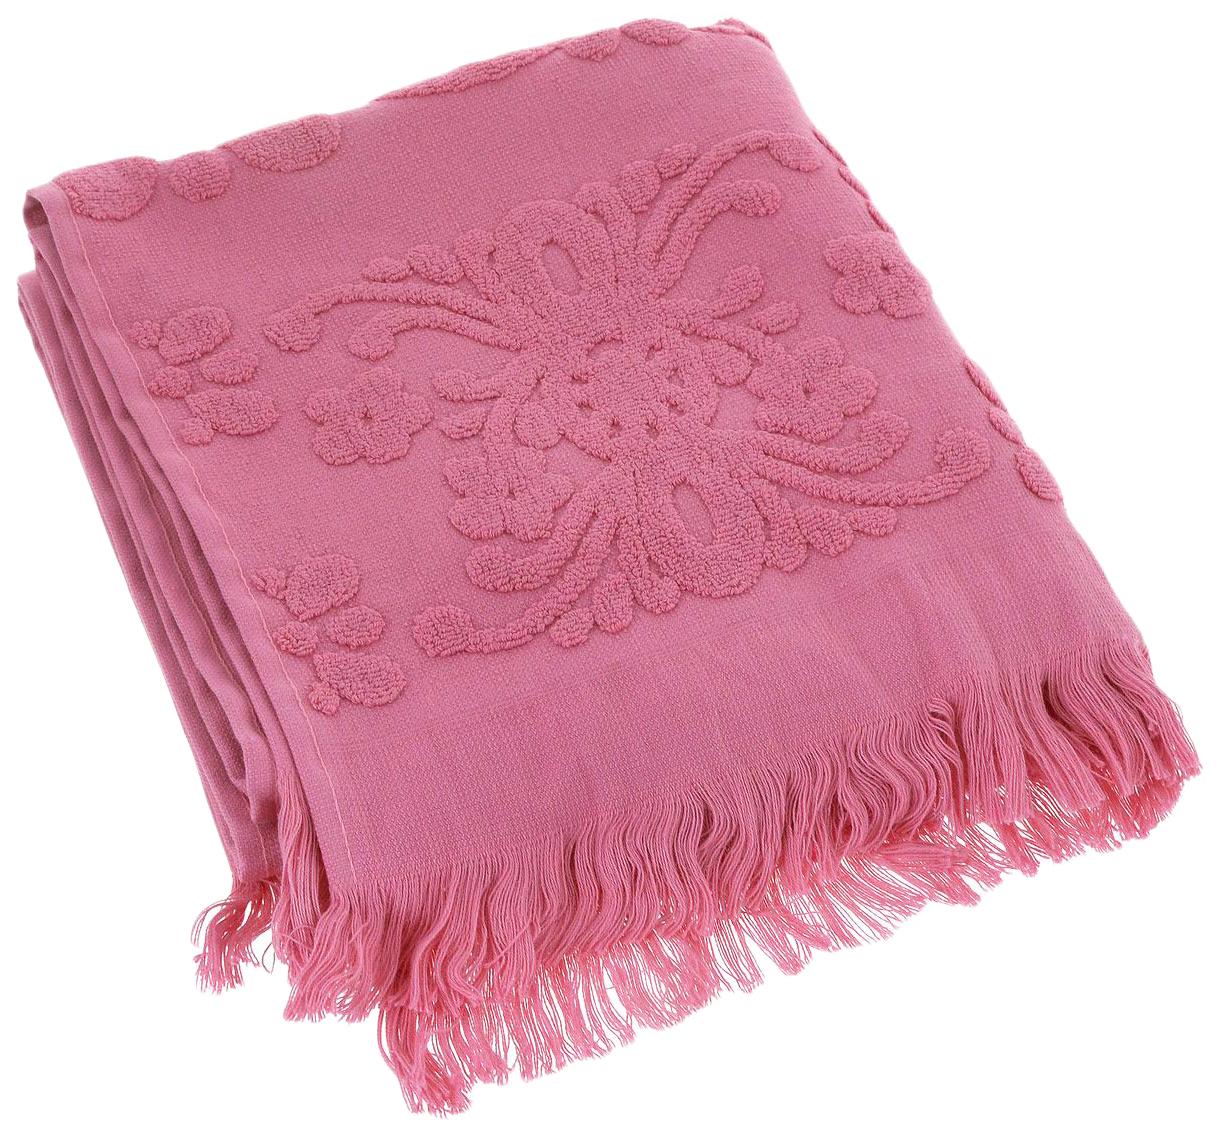 Банное полотенце, полотенце универсальное Arya розовый